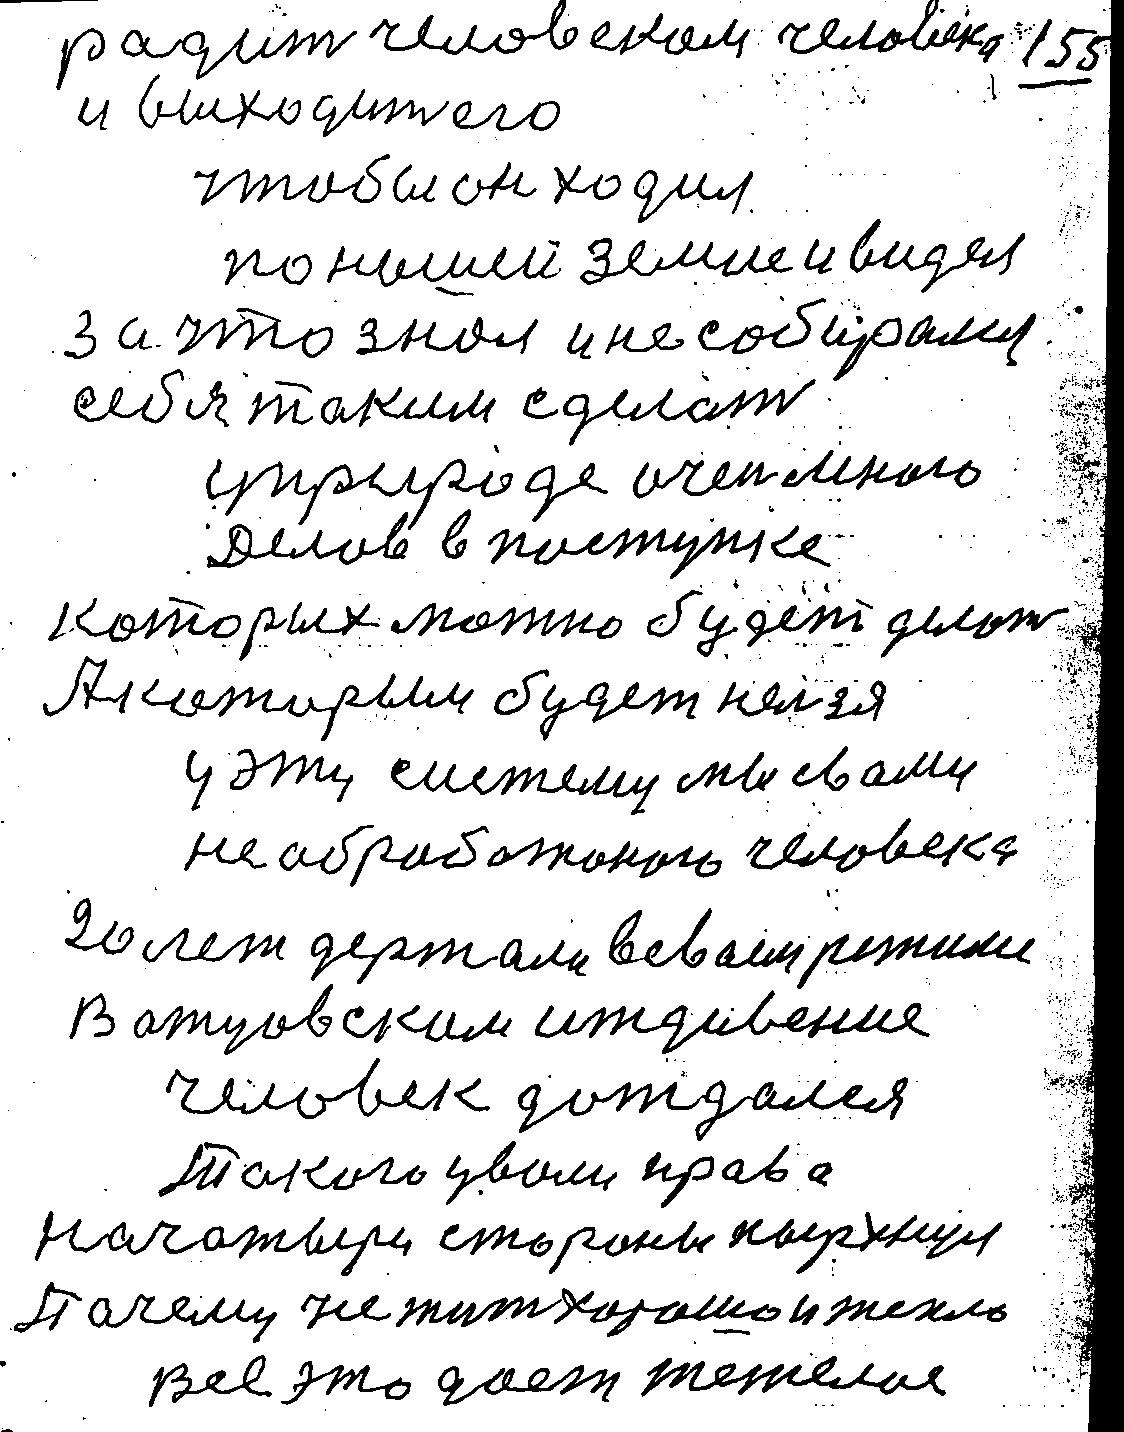 Str159.jpg